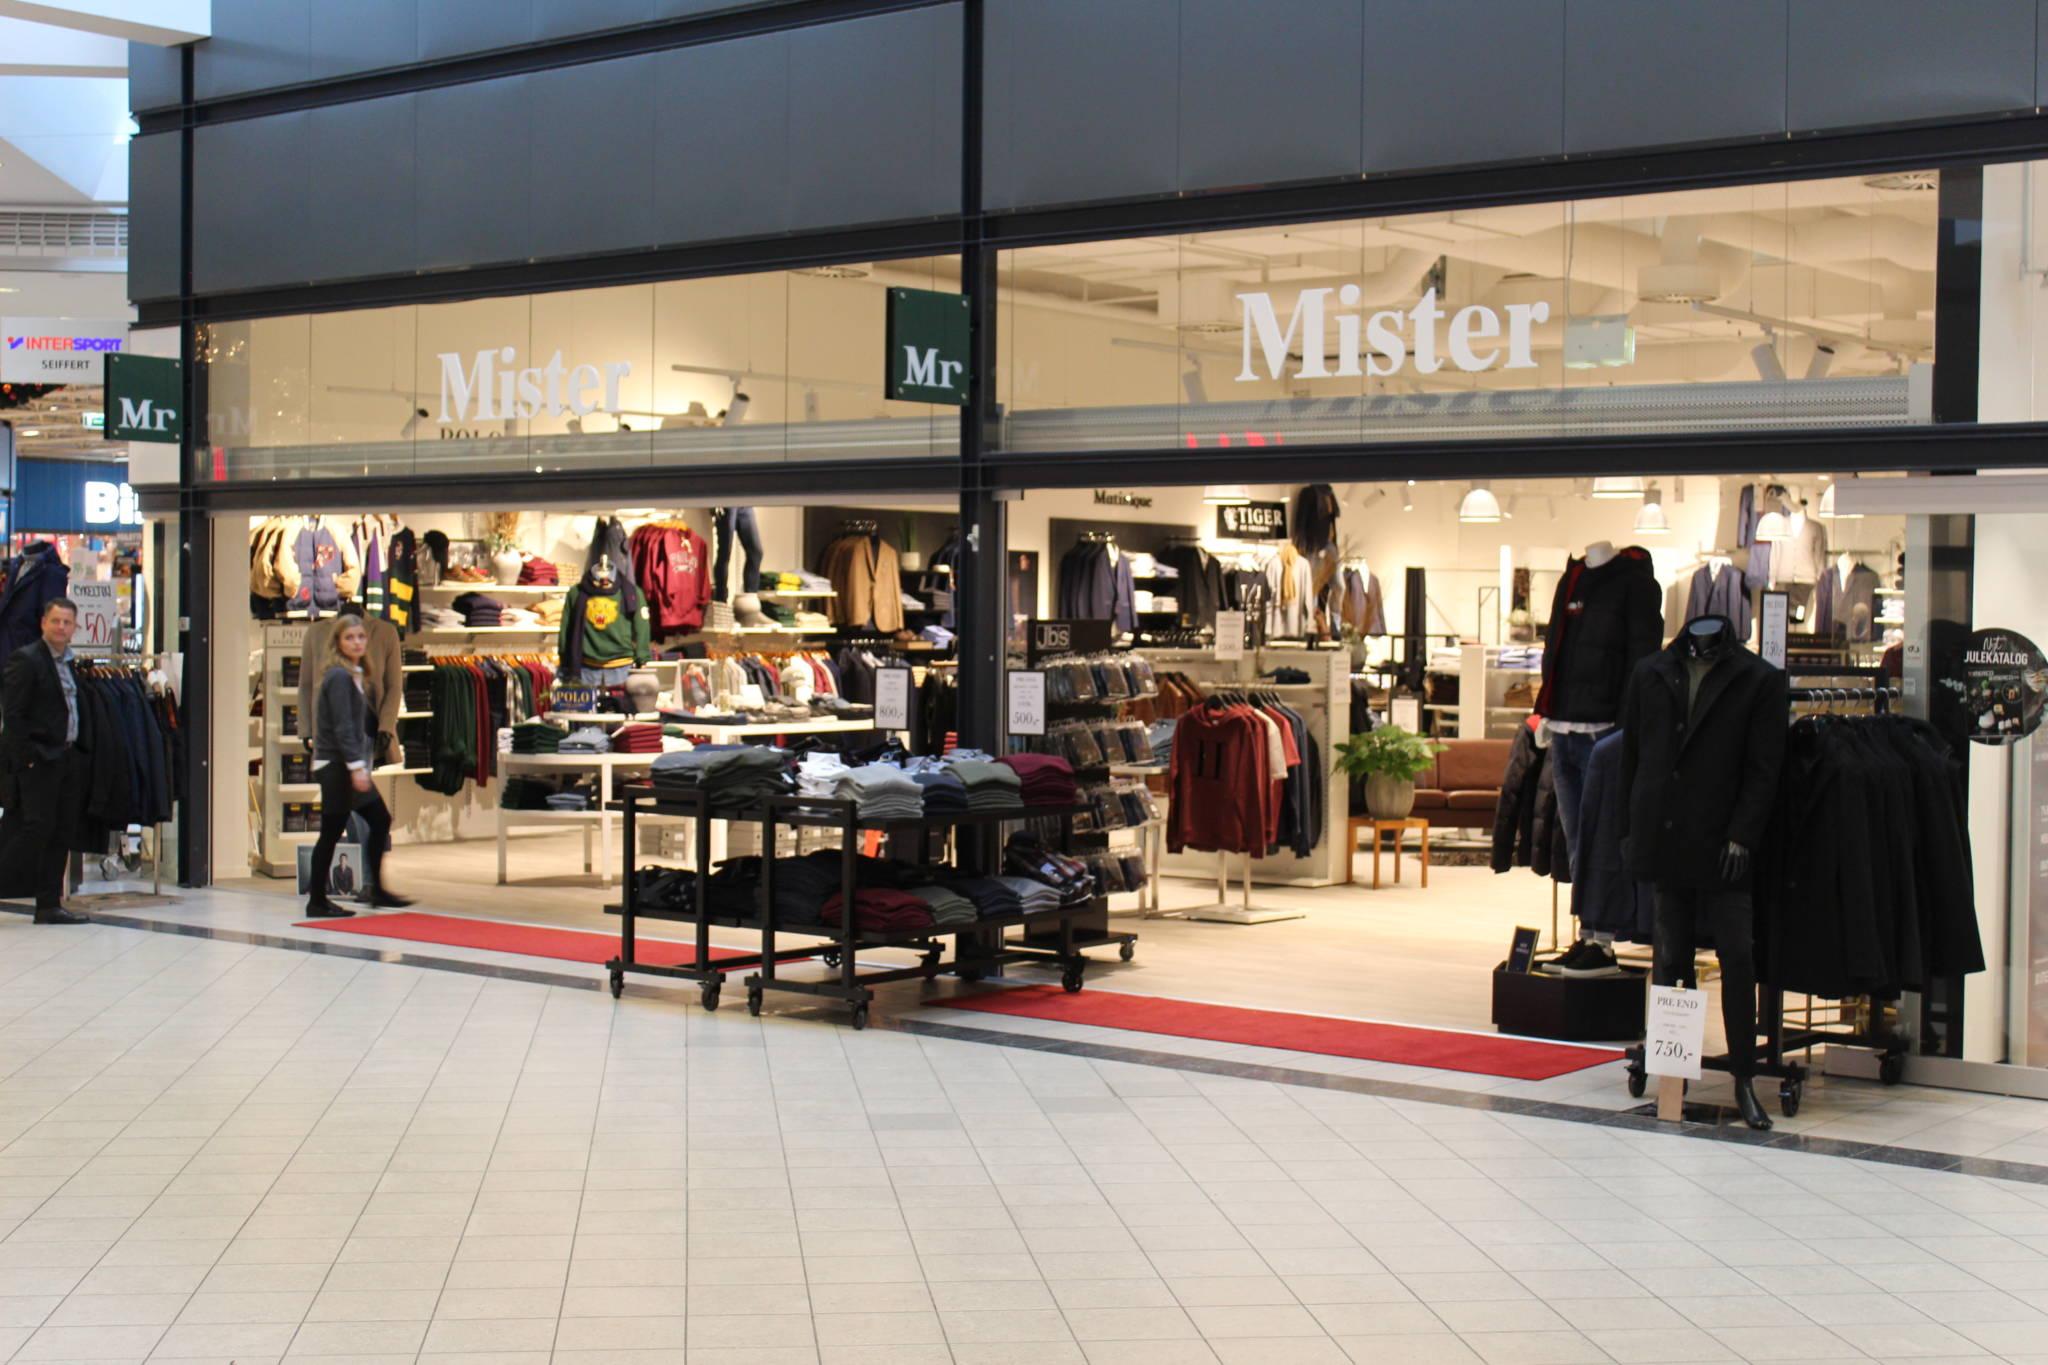 Nyåbnet mister Mr. herrebutik i Næstved, butiksindretning og butiksinventar